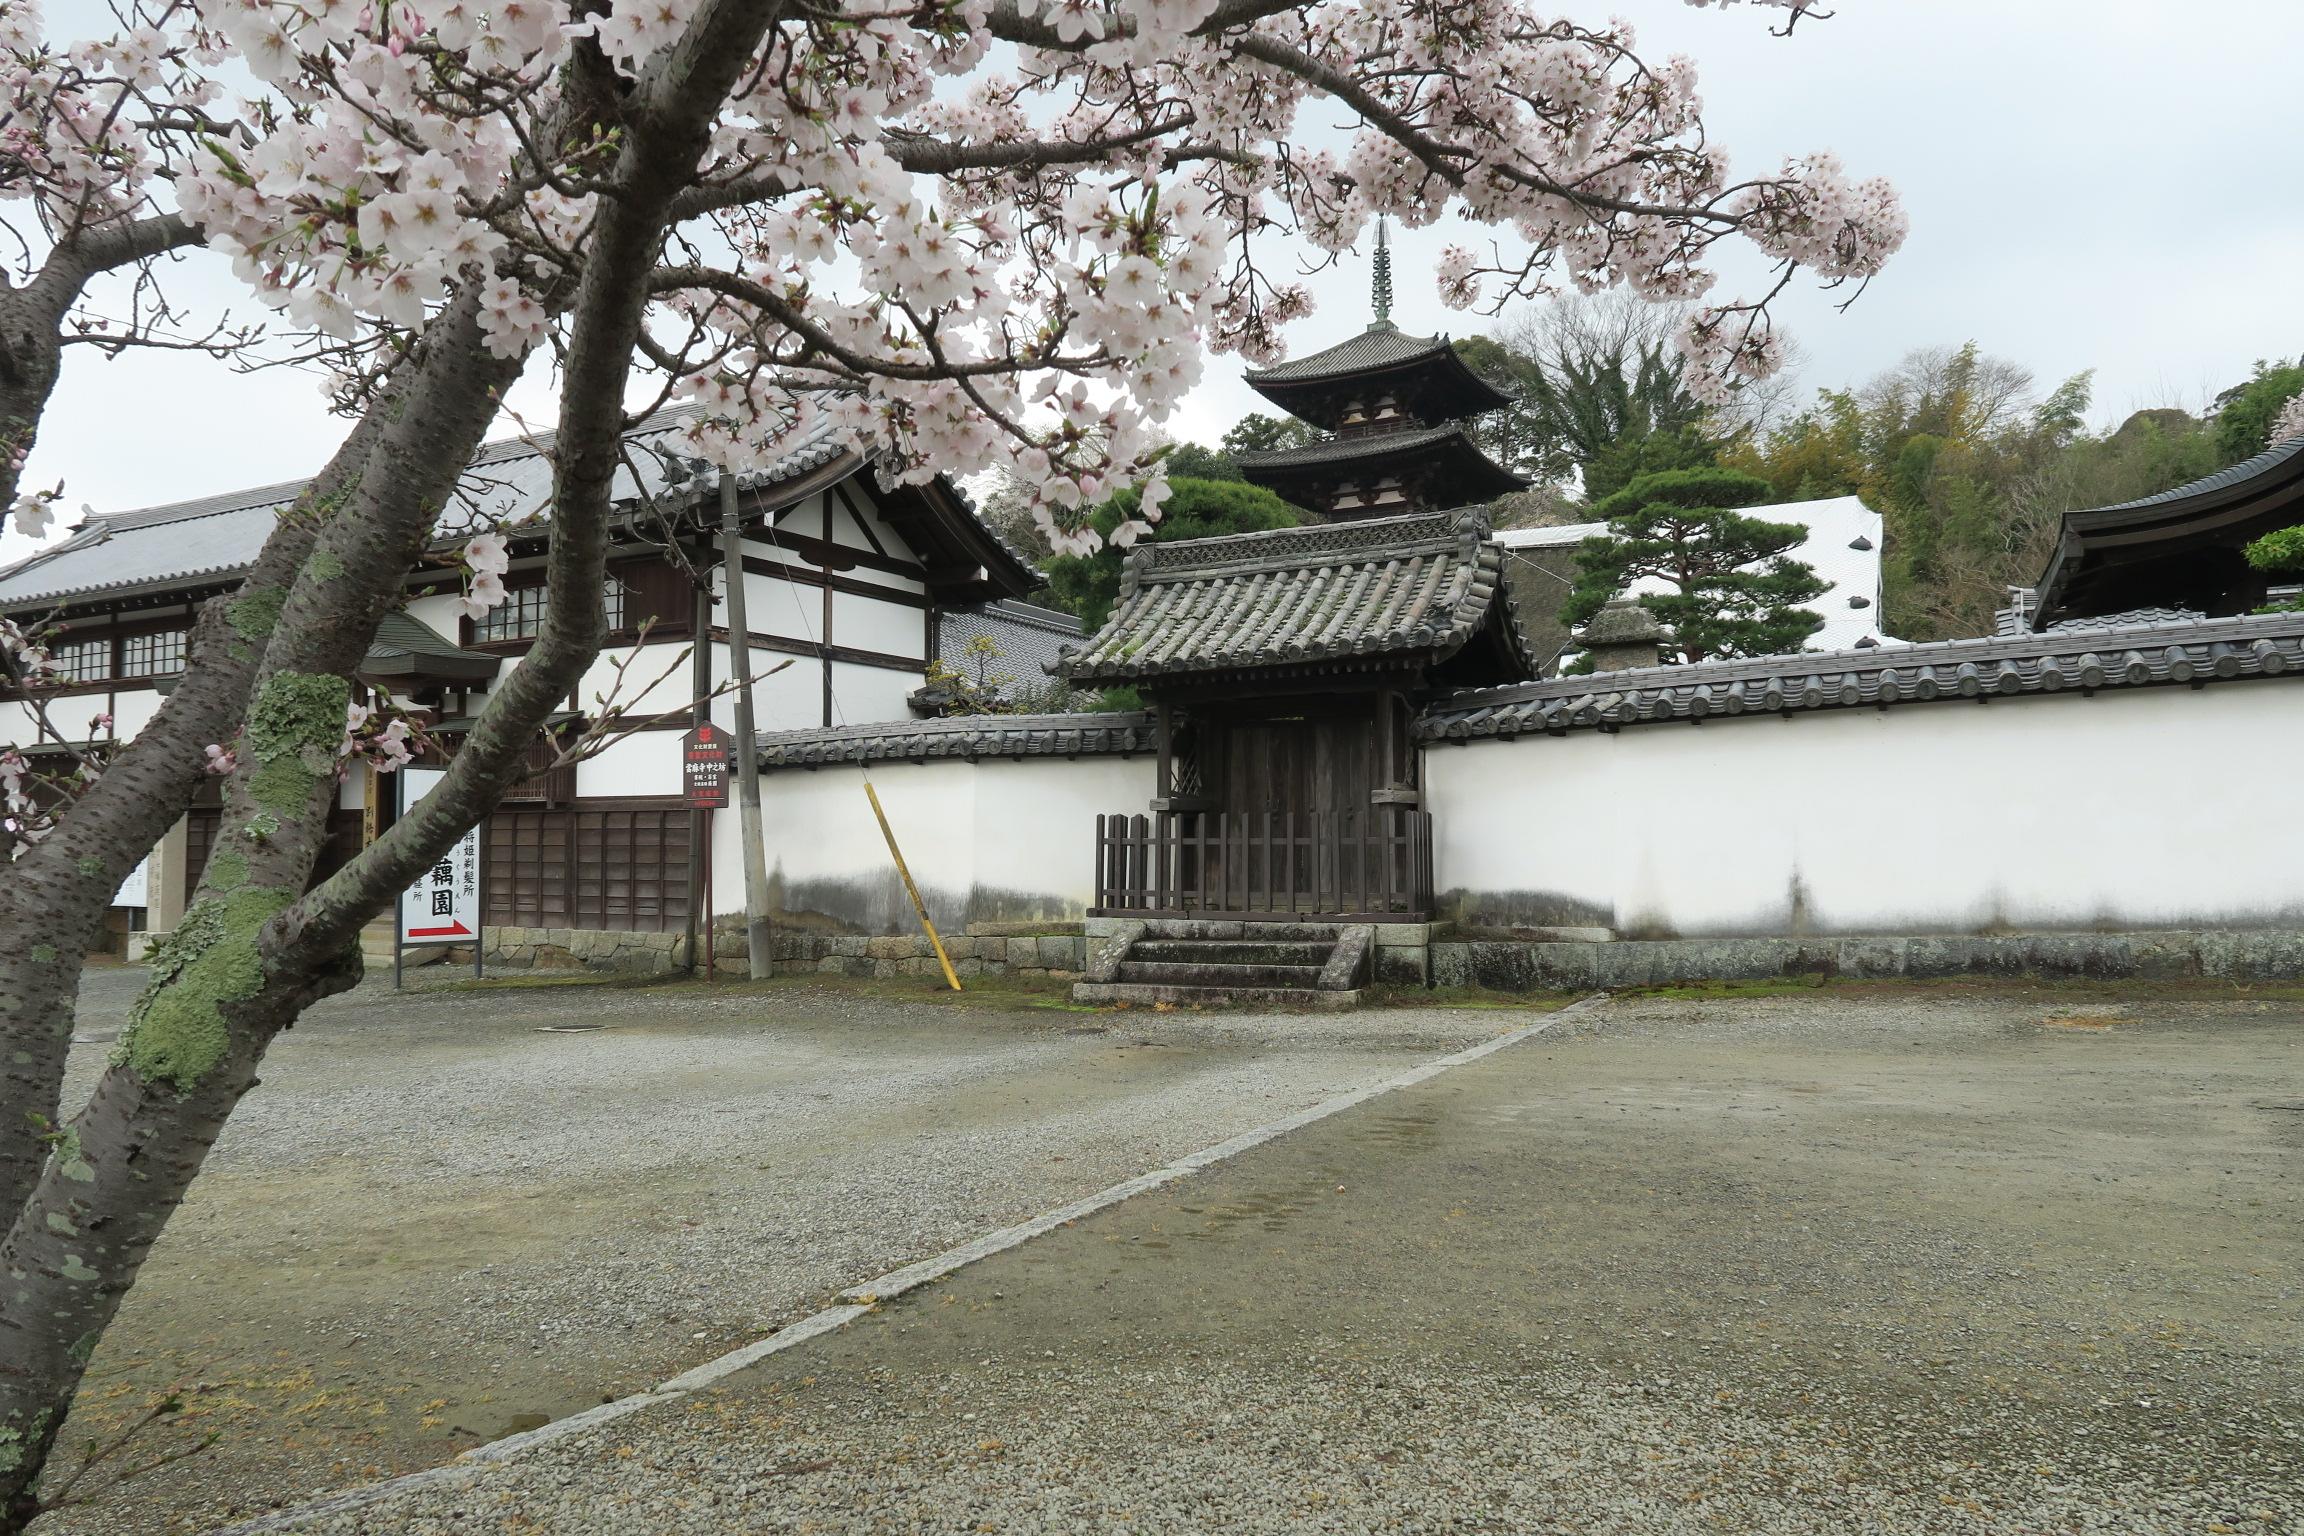 東塔は、當麻寺の中でも最も古い建造物です。当時のまま両塔が残っているのは全国でここだけ。